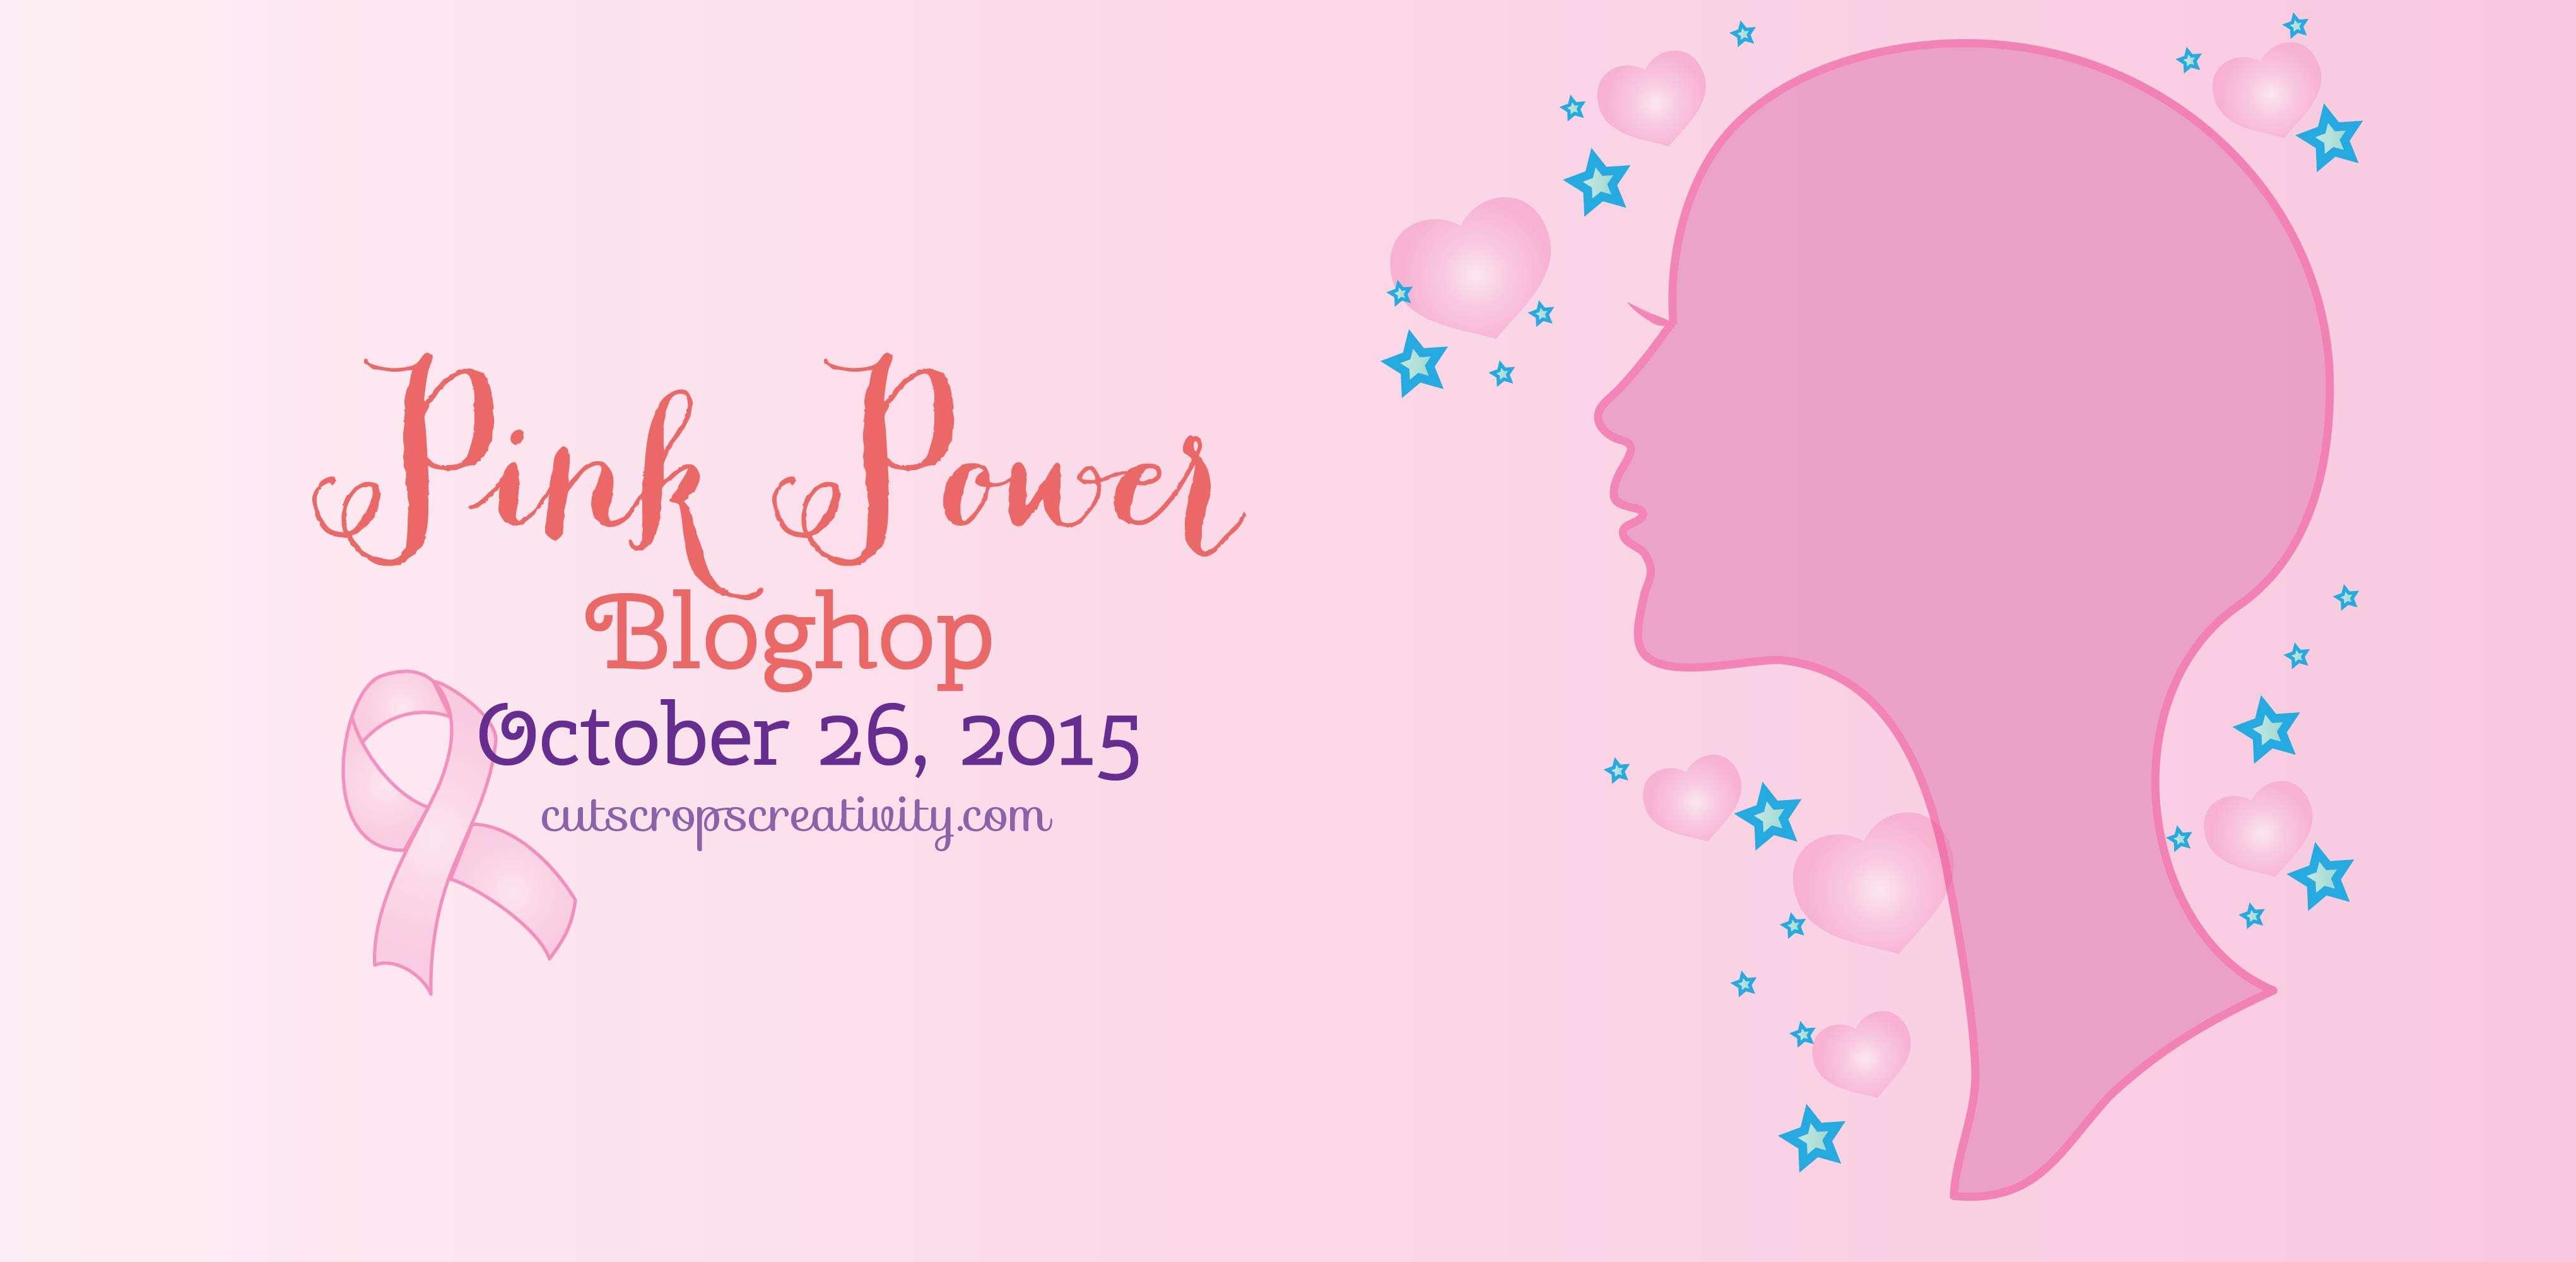 PinkPowerBloghop2015